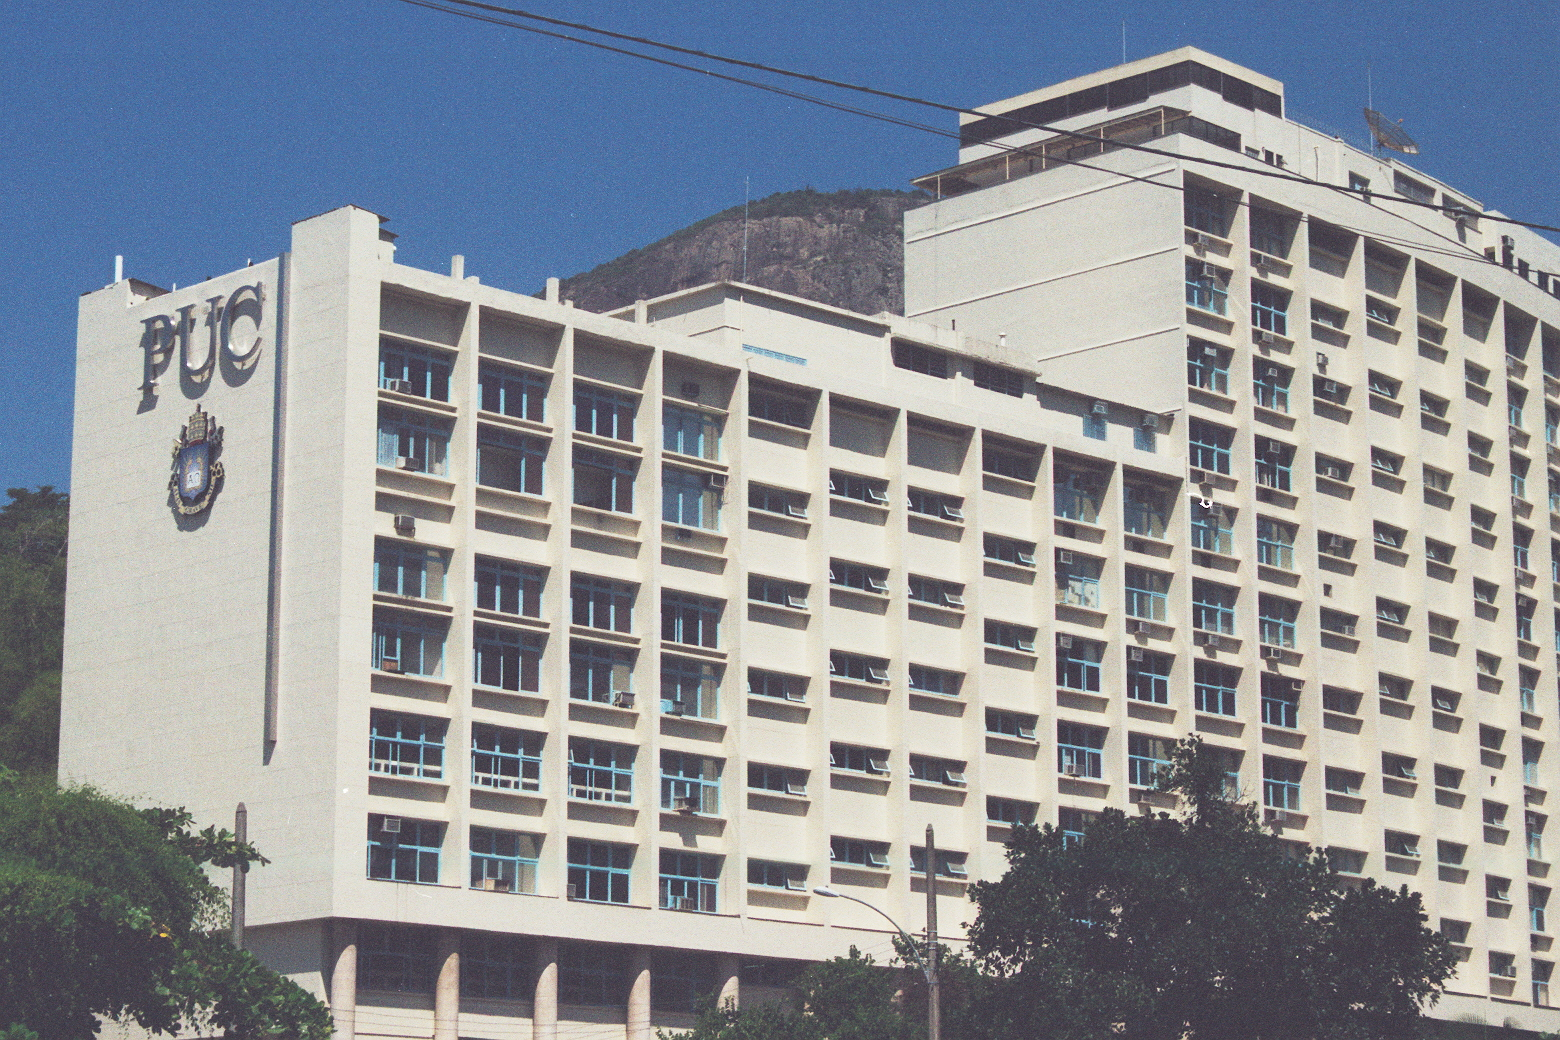 Foto: Reprodução/Divulgação portal PUC-Rio+20